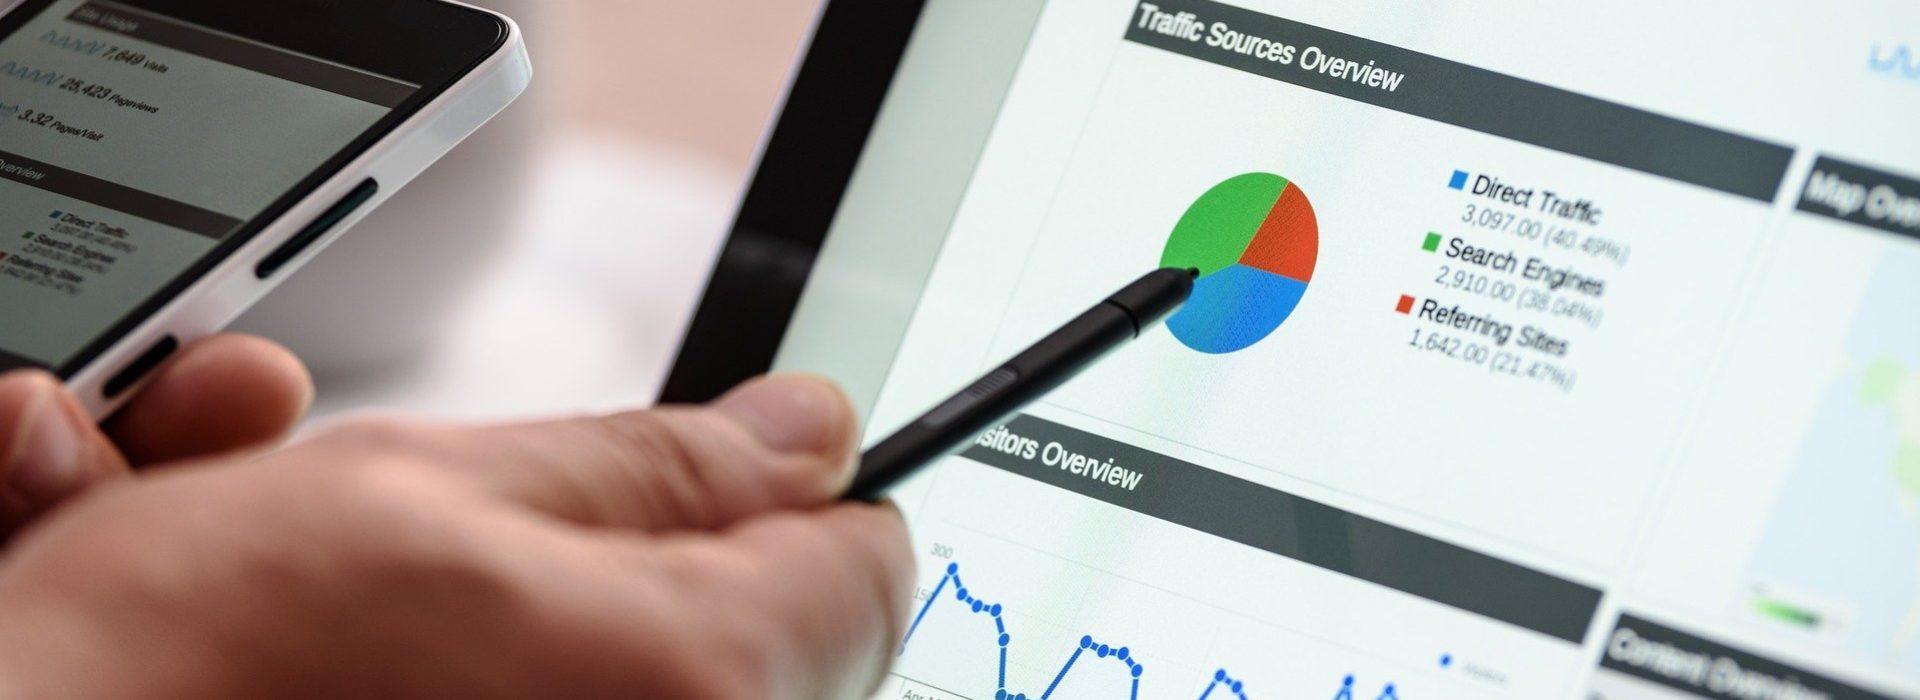 Ihr erfahrener Partner in Digitalisierung und Online Marketing